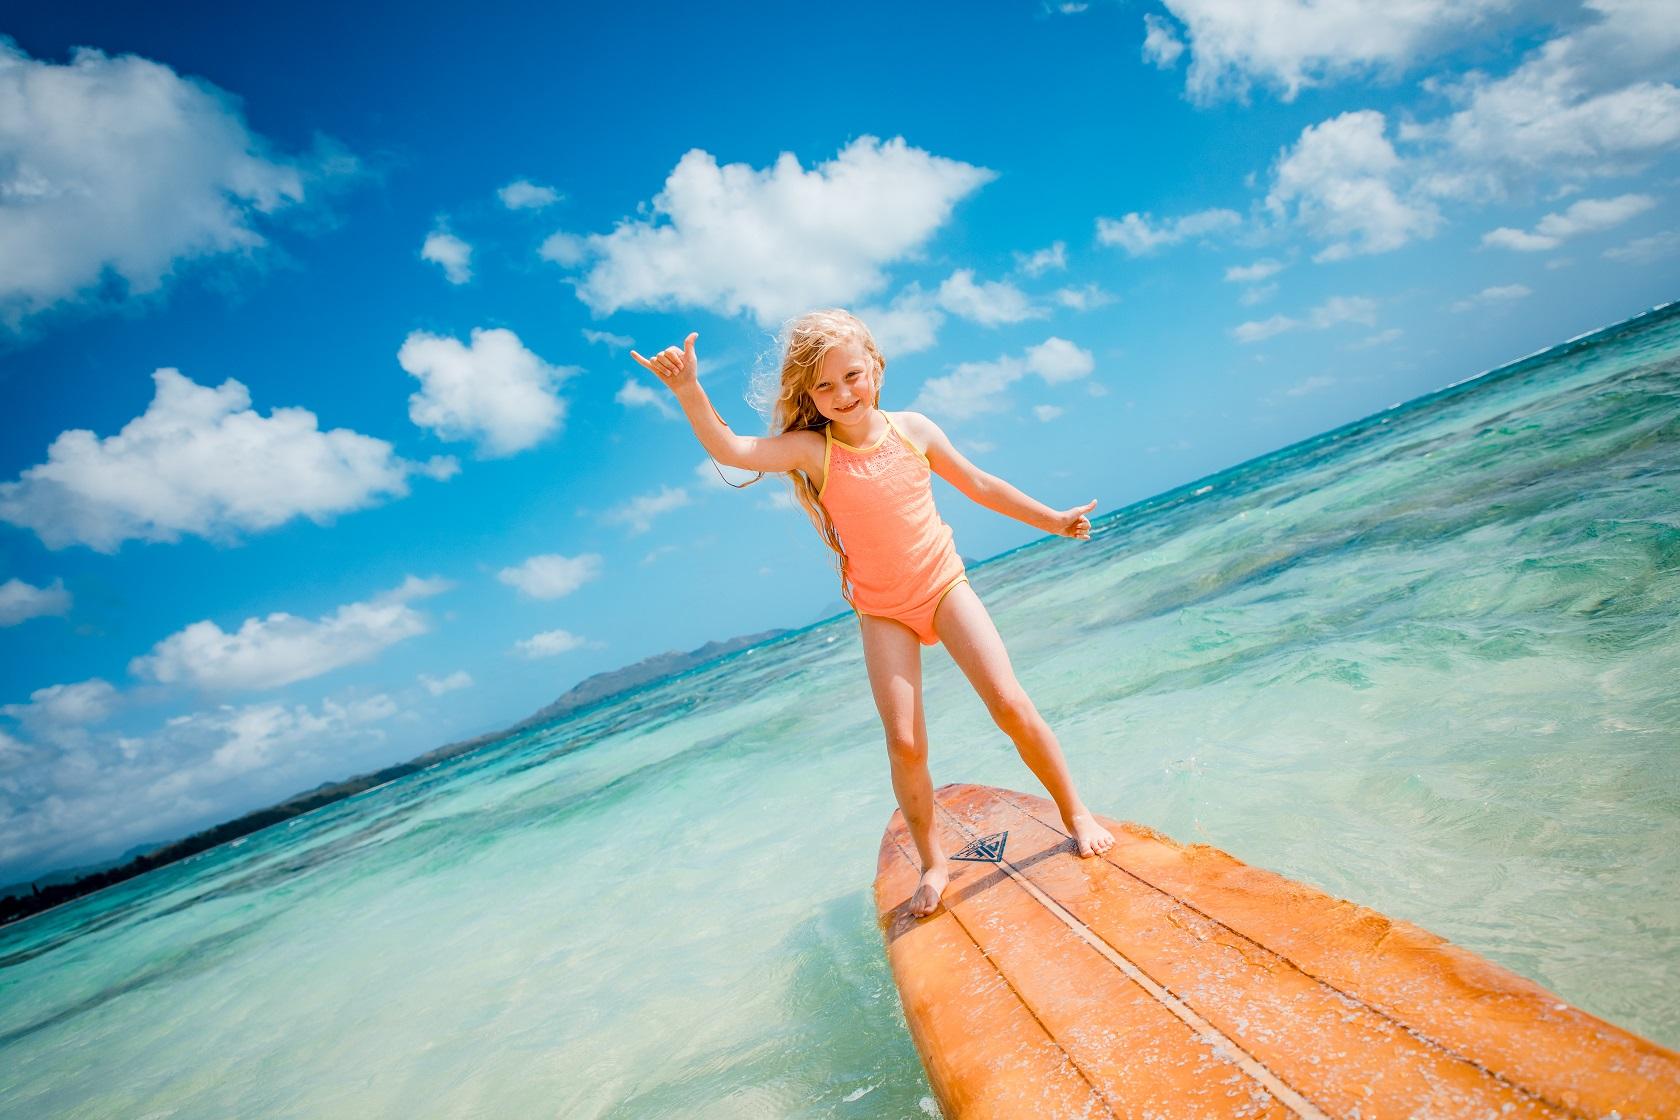 young surfer girl oahu hawaii